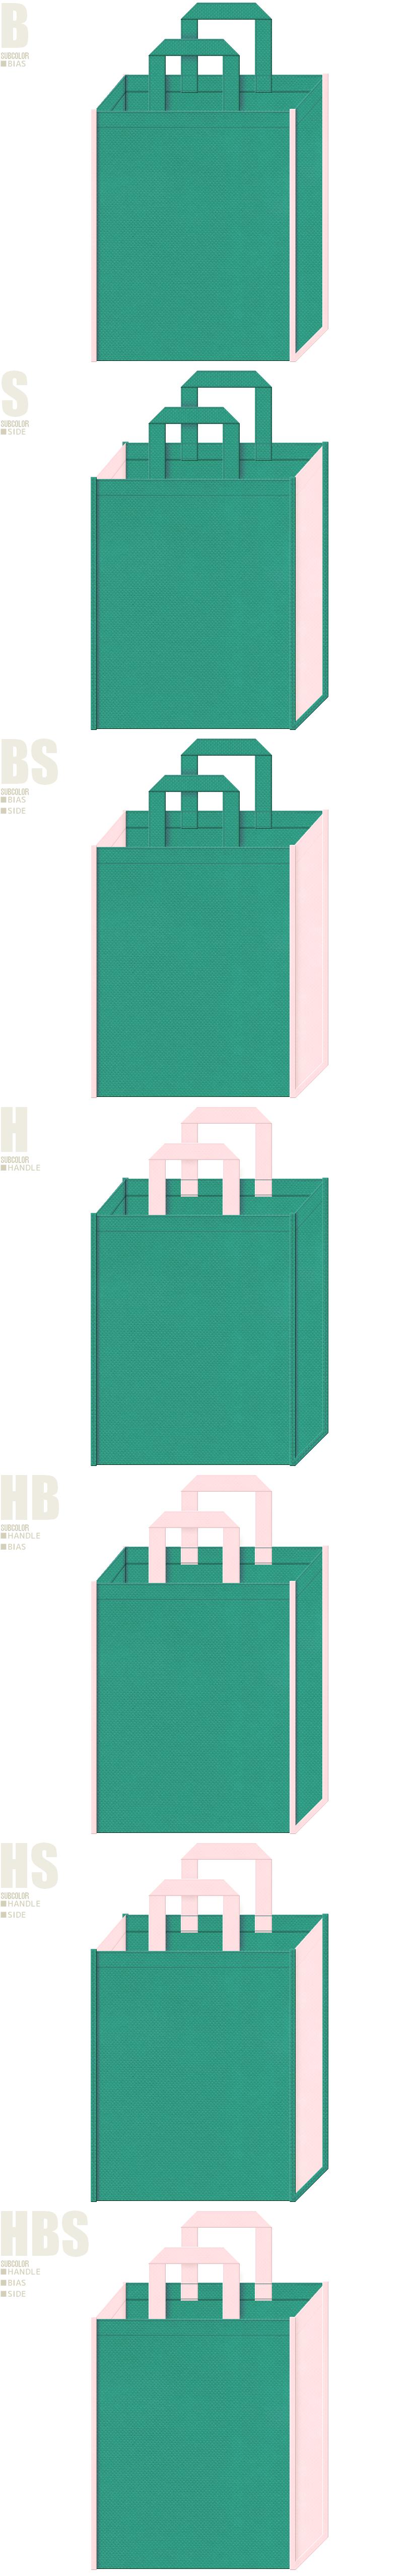 掃除・洗濯・石鹸・シャンプー・日用品の展示会用バッグにお奨めの不織布バッグデザイン:青緑色と桜色の不織布バッグ配色7パターン。